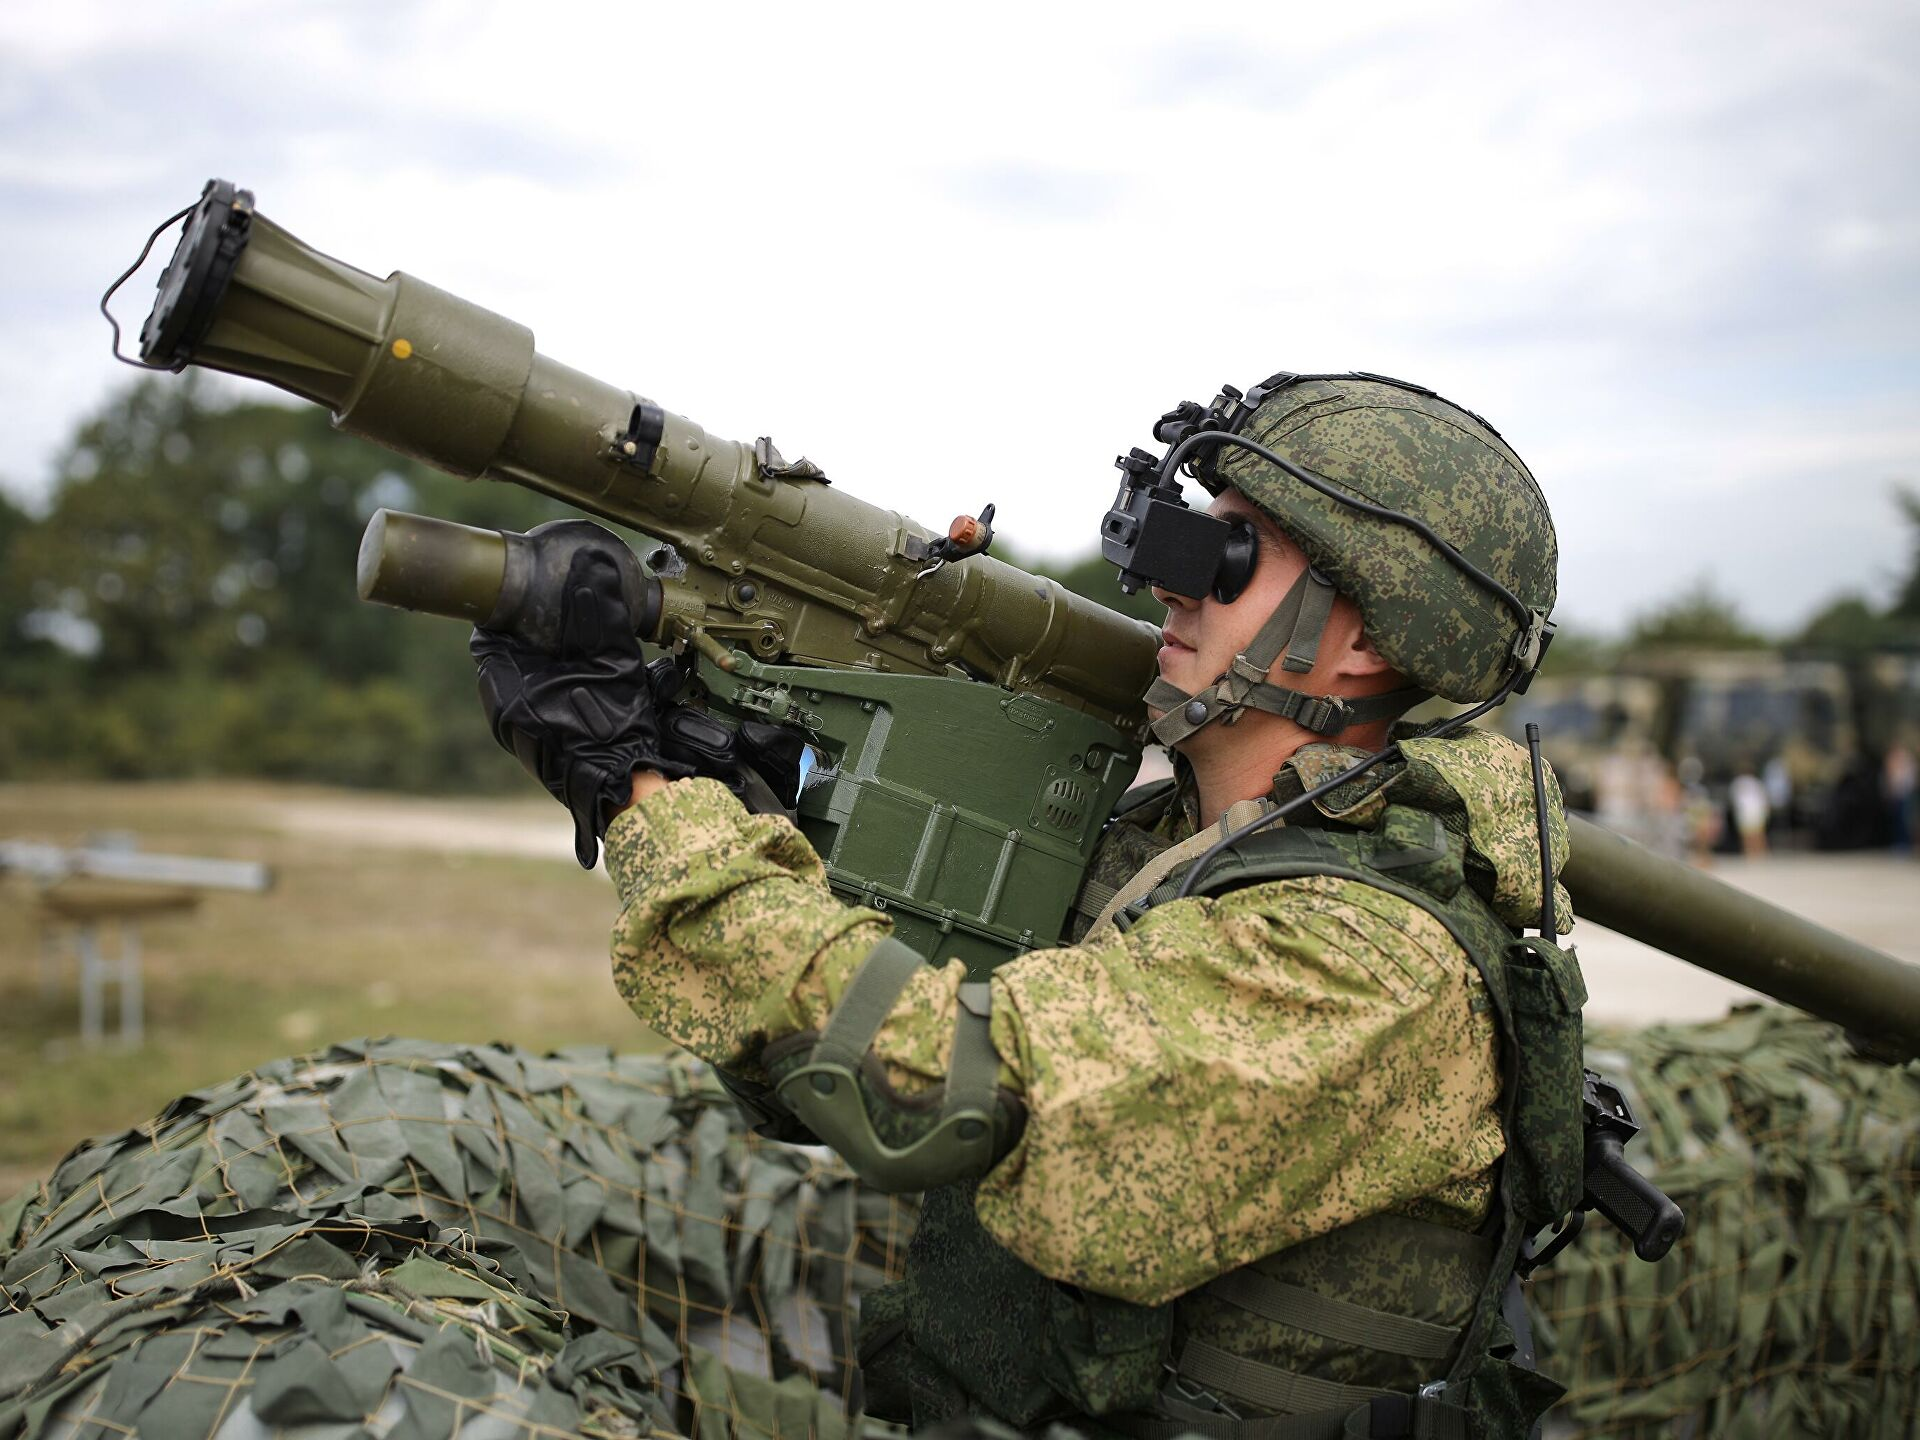 В Ленобласти подразделения ПВО защищали поезд с военной техникой